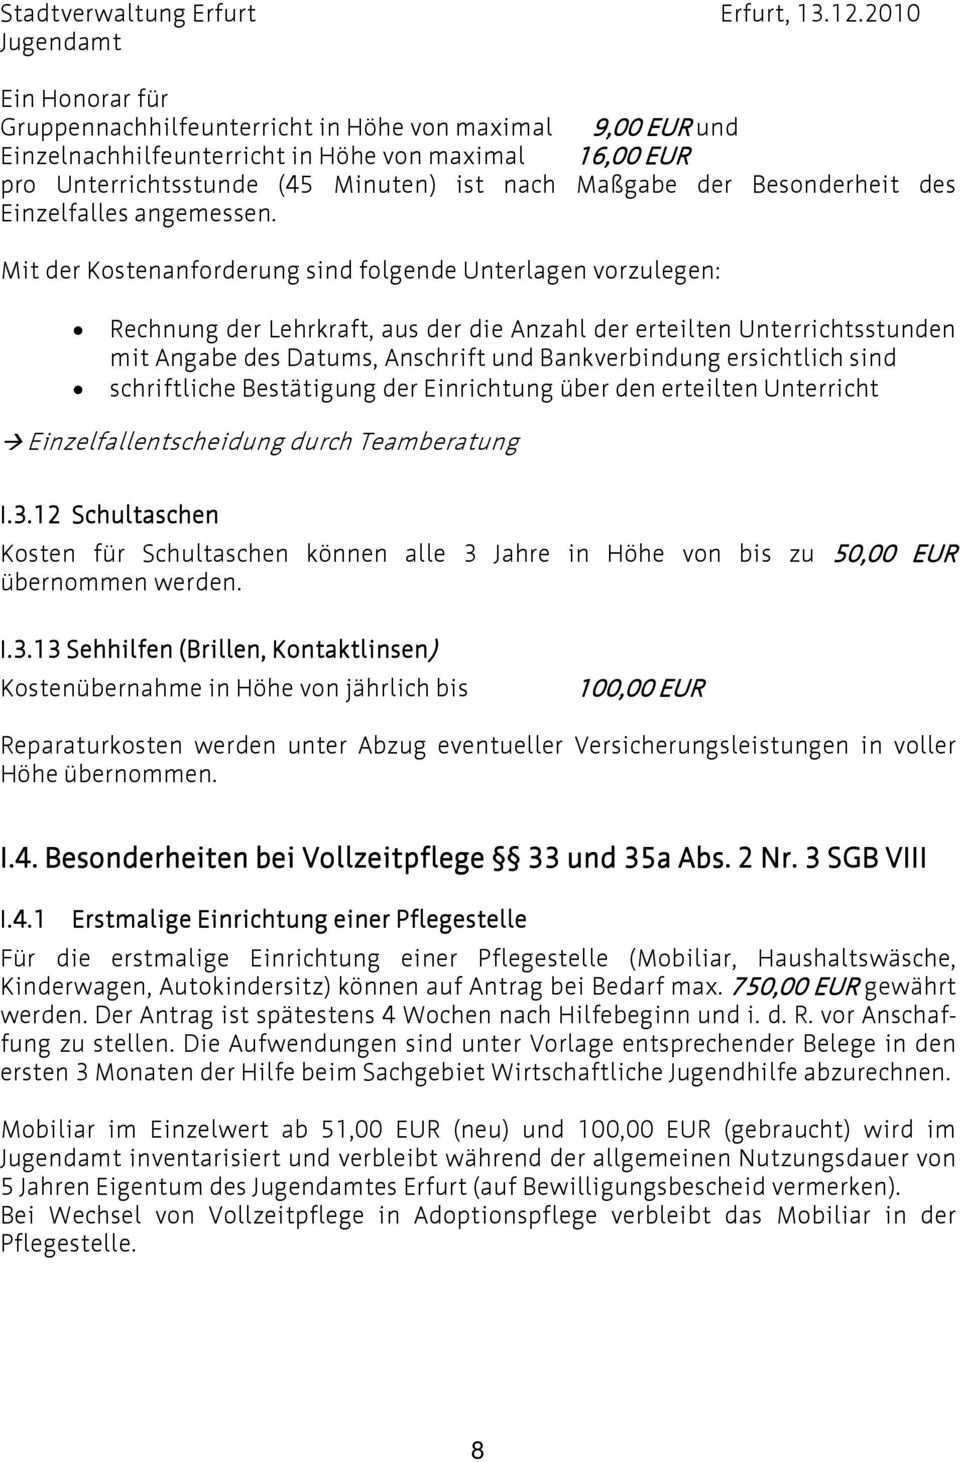 I Richtlinien Zur Gewahrung Von Annex Leistungen Nach Dem Sgb Viii Pdf Free Download